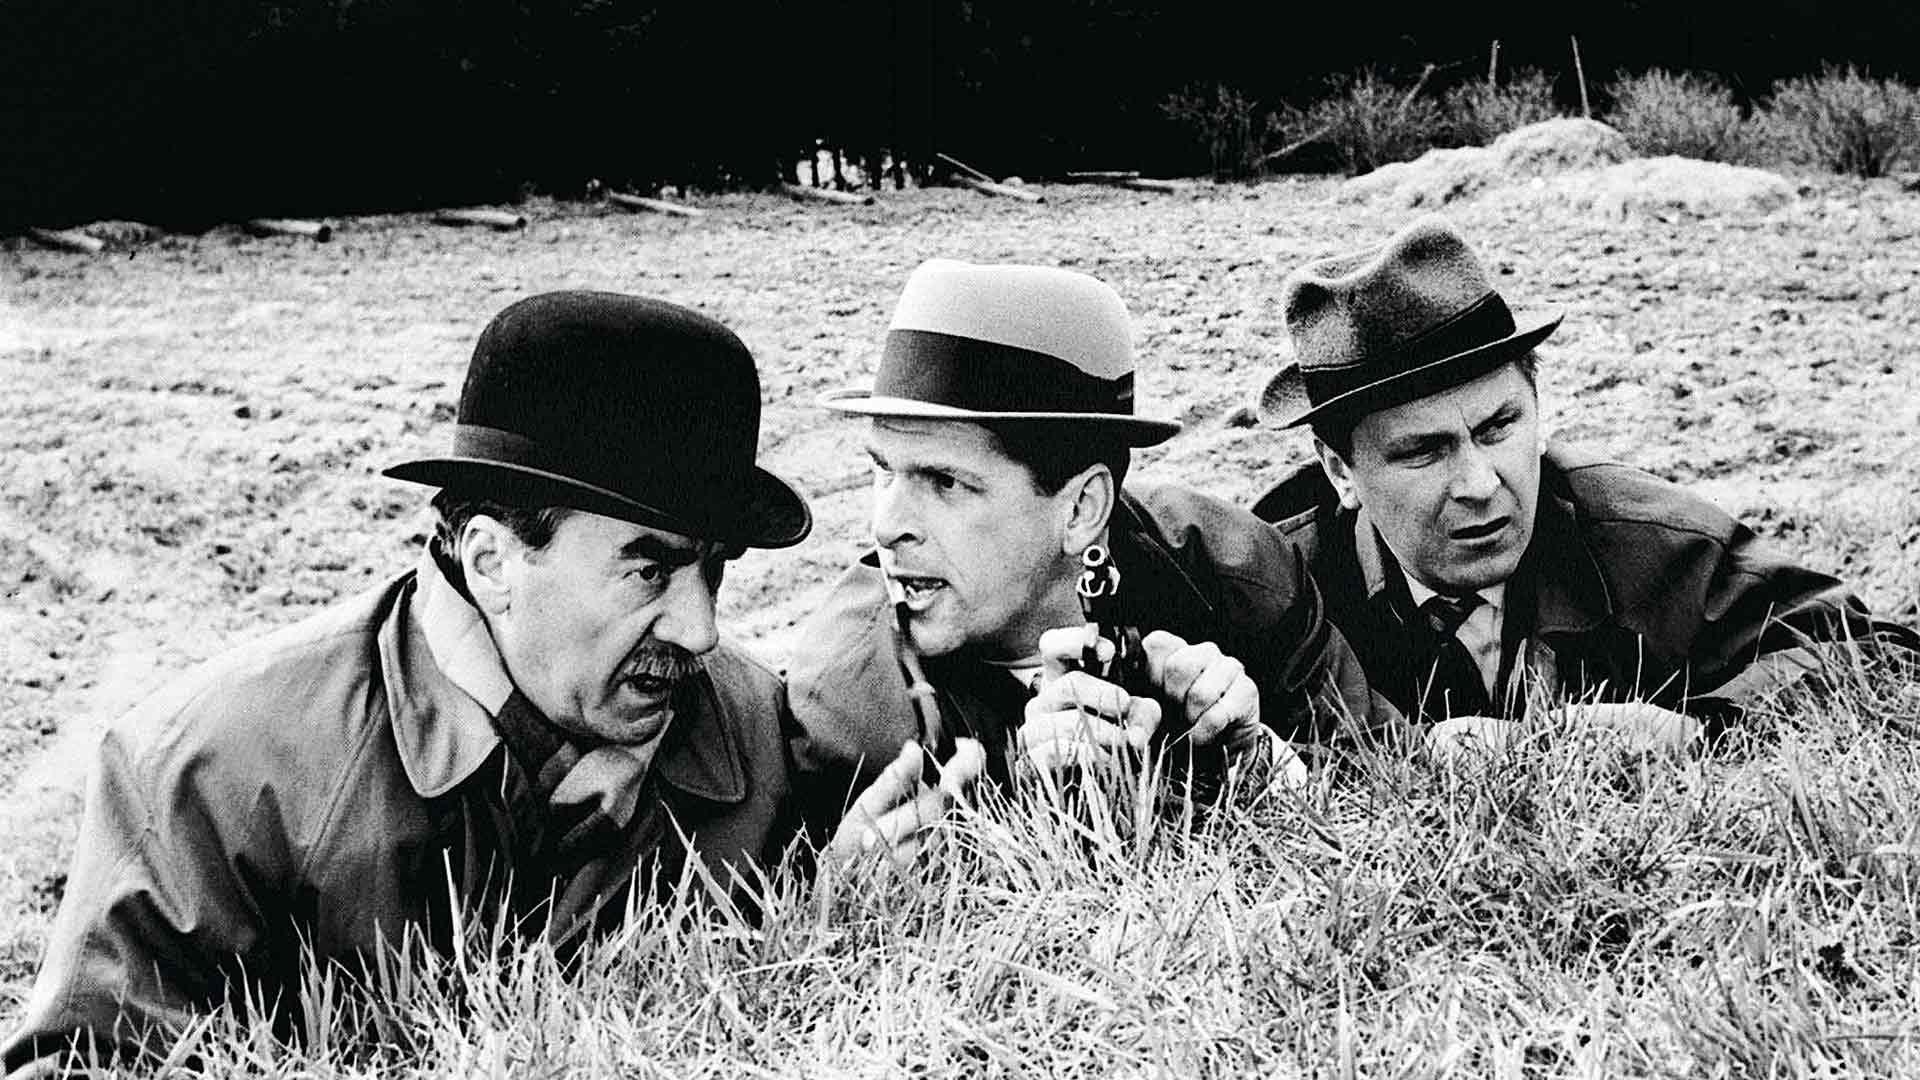 Tähdet kertovat (1962) jäi viimeiseksi mustavalkoiseksi Palmu-leffaksi.